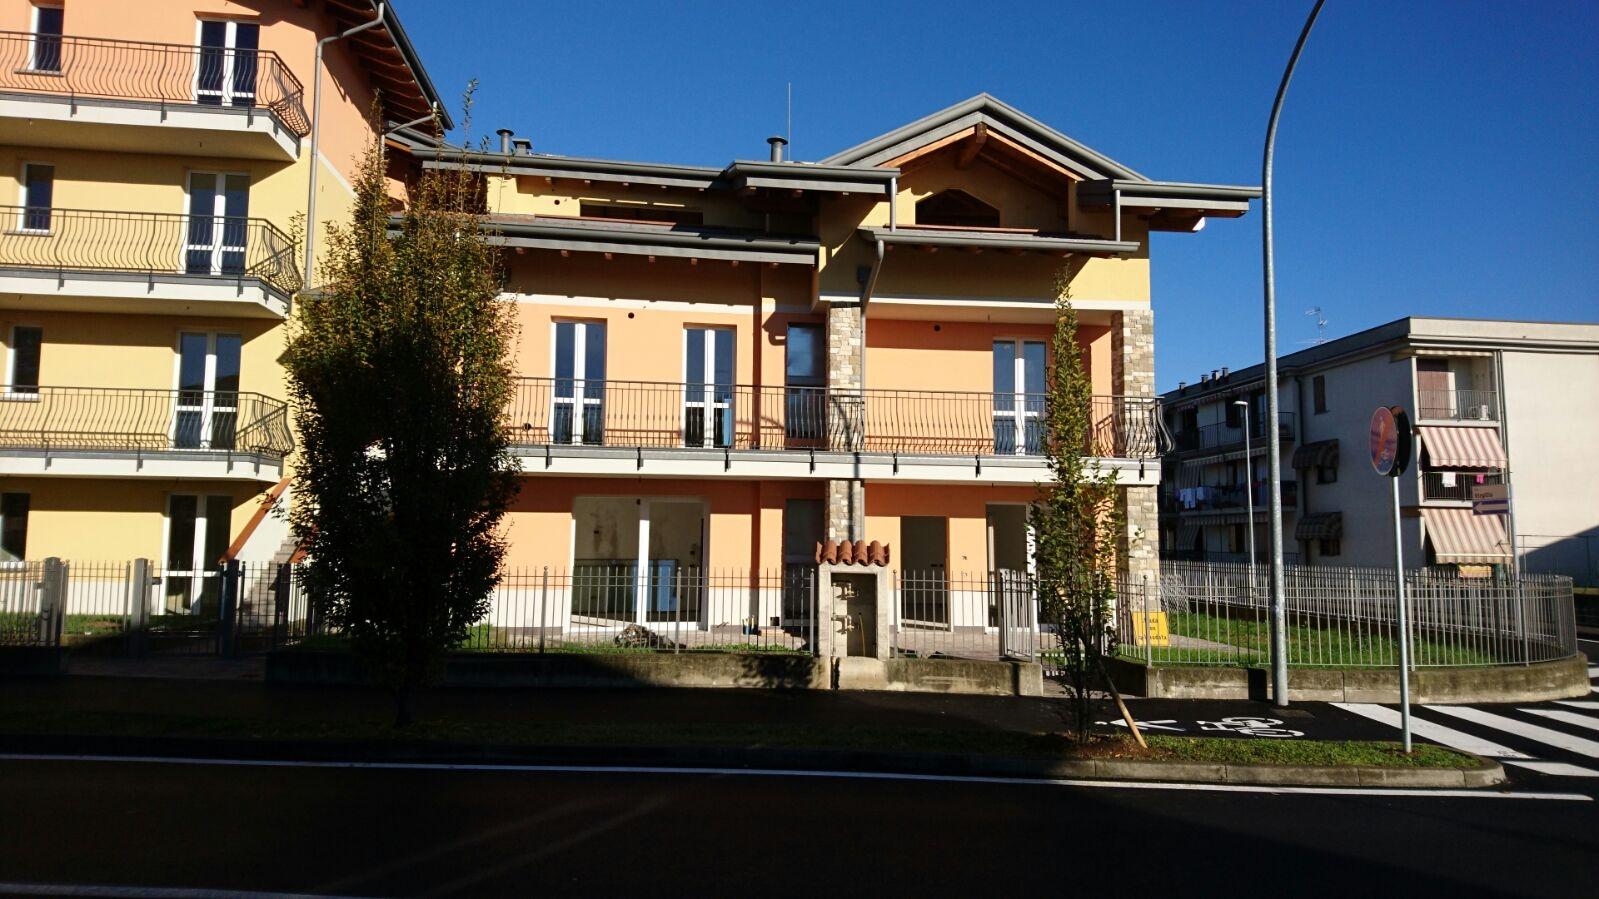 Appartamento in vendita a Ciserano, 3 locali, prezzo € 170.000 | CambioCasa.it